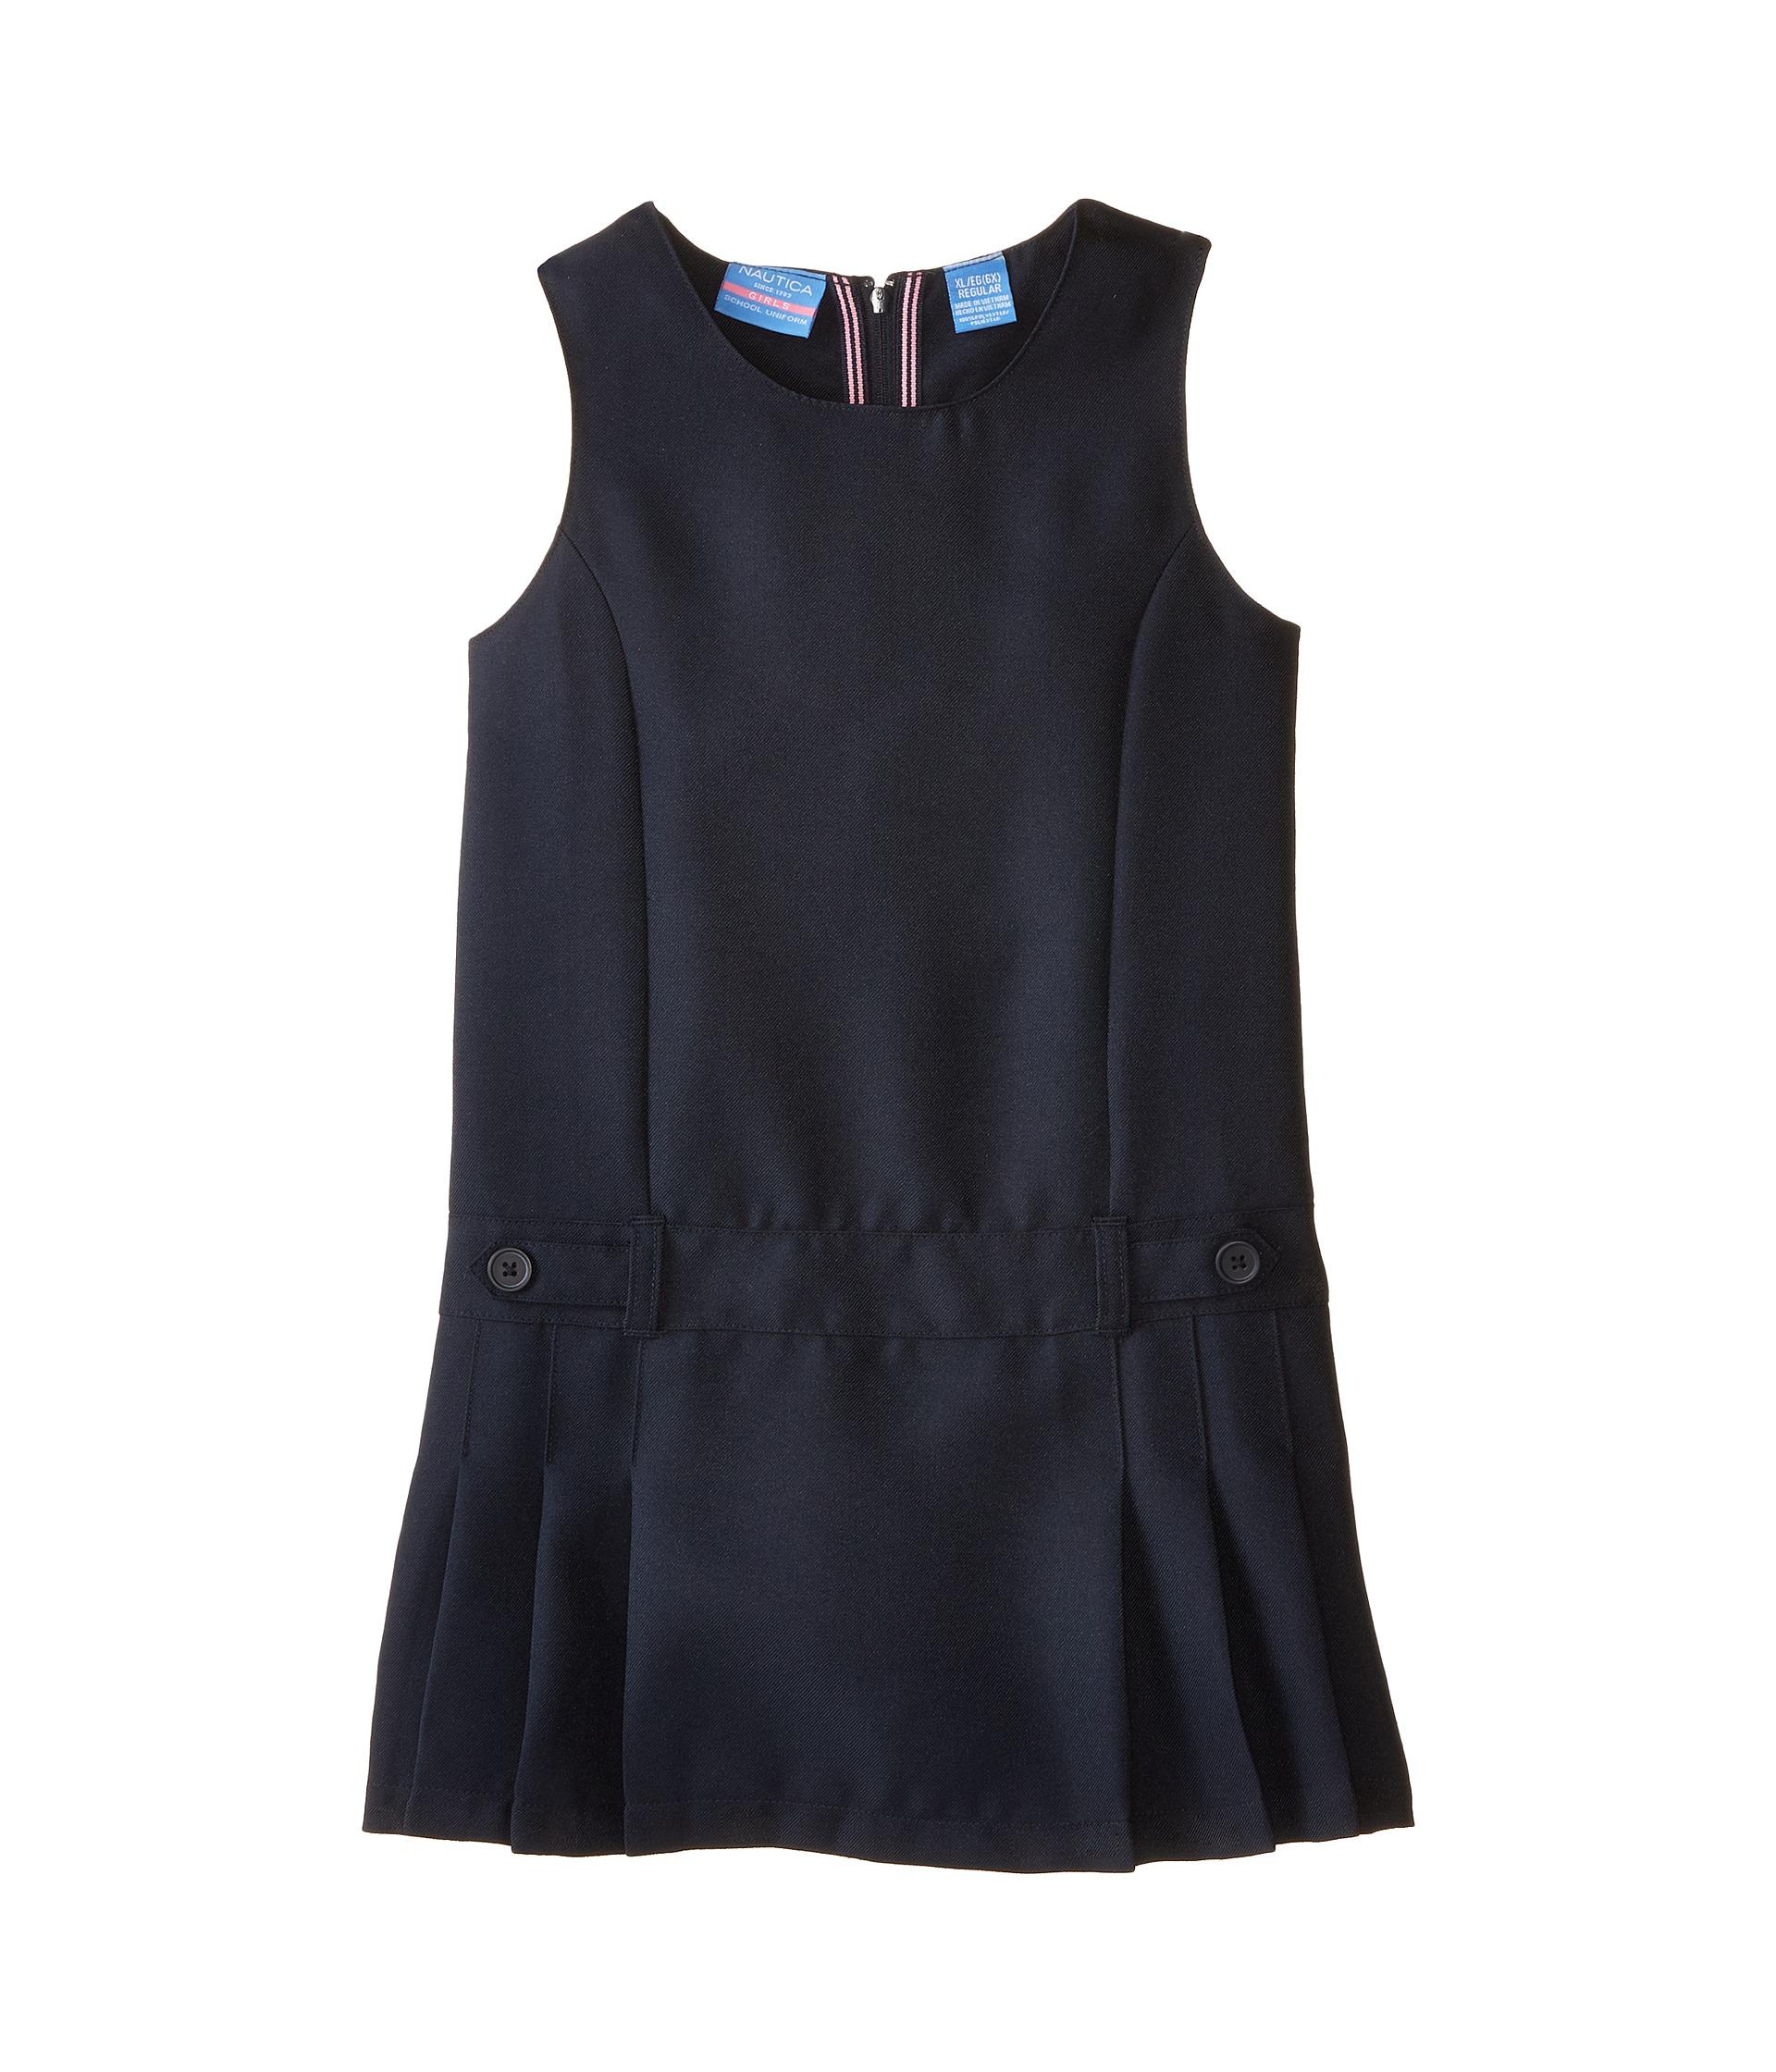 Назад в школу: топ-5 онлайн-магазинов детской одежды - фото 3